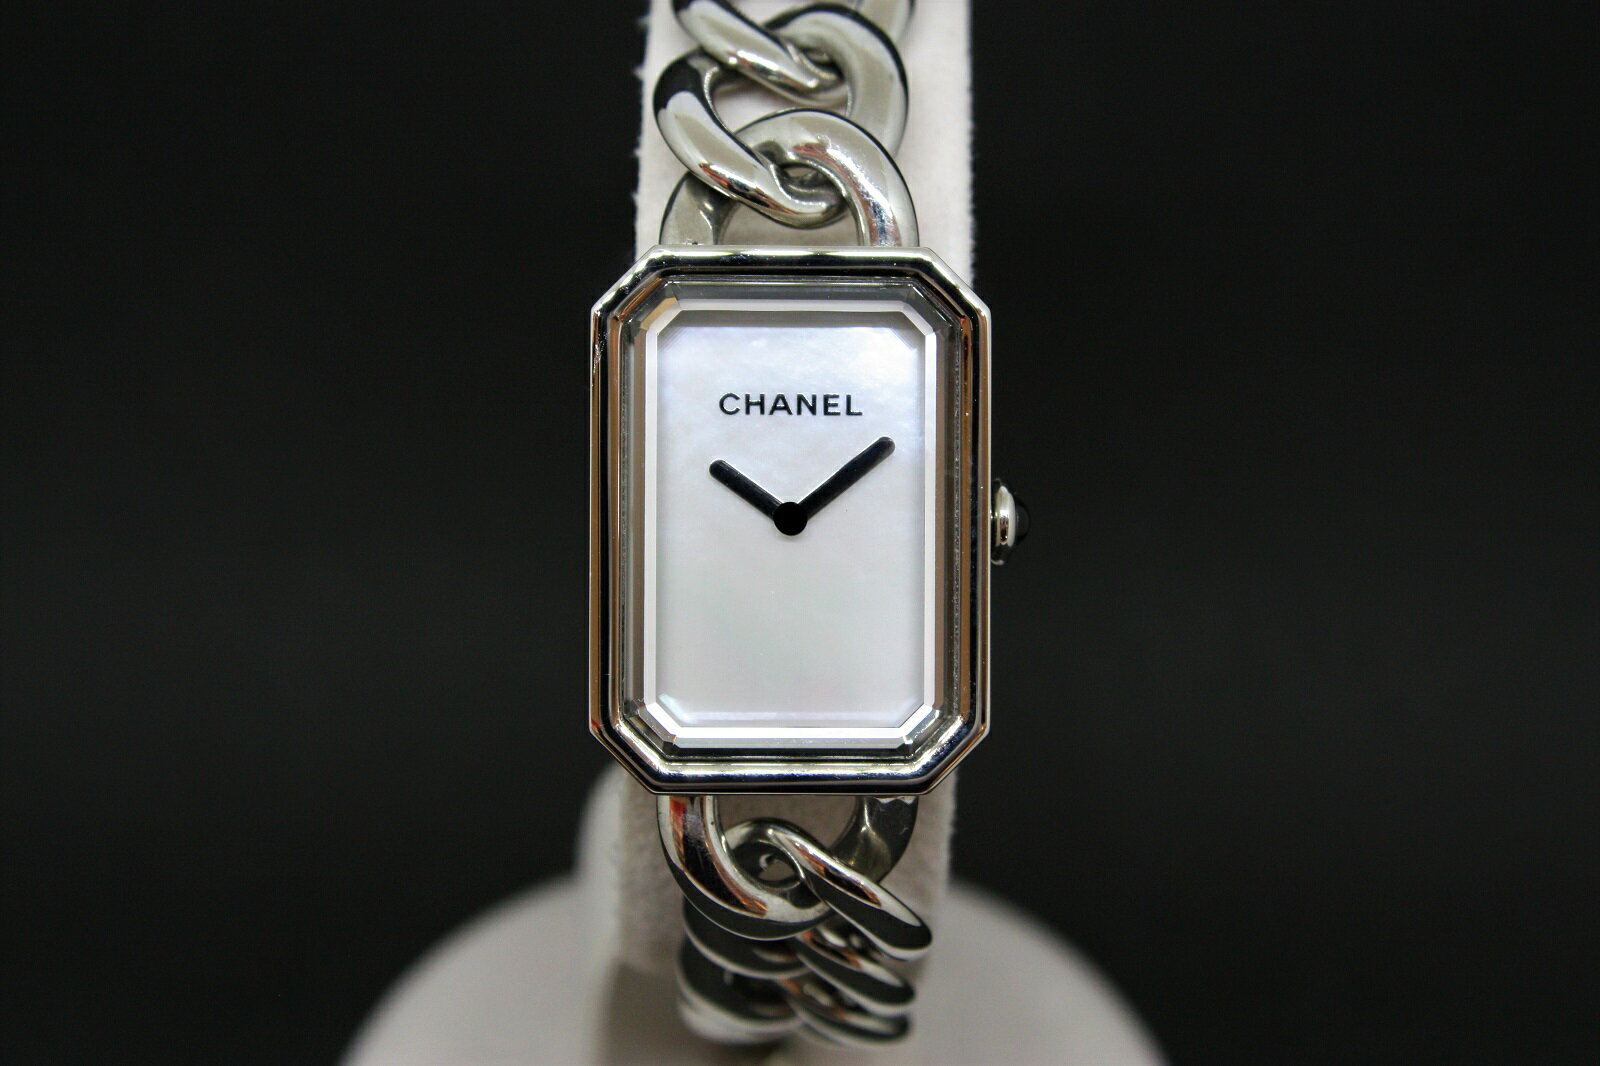 【ギャラ有】CHANEL シャネル プルミエール H3251 ホワイトシェル文字盤 SS ステンレススチール クオーツ レディース 腕時計 【中古】